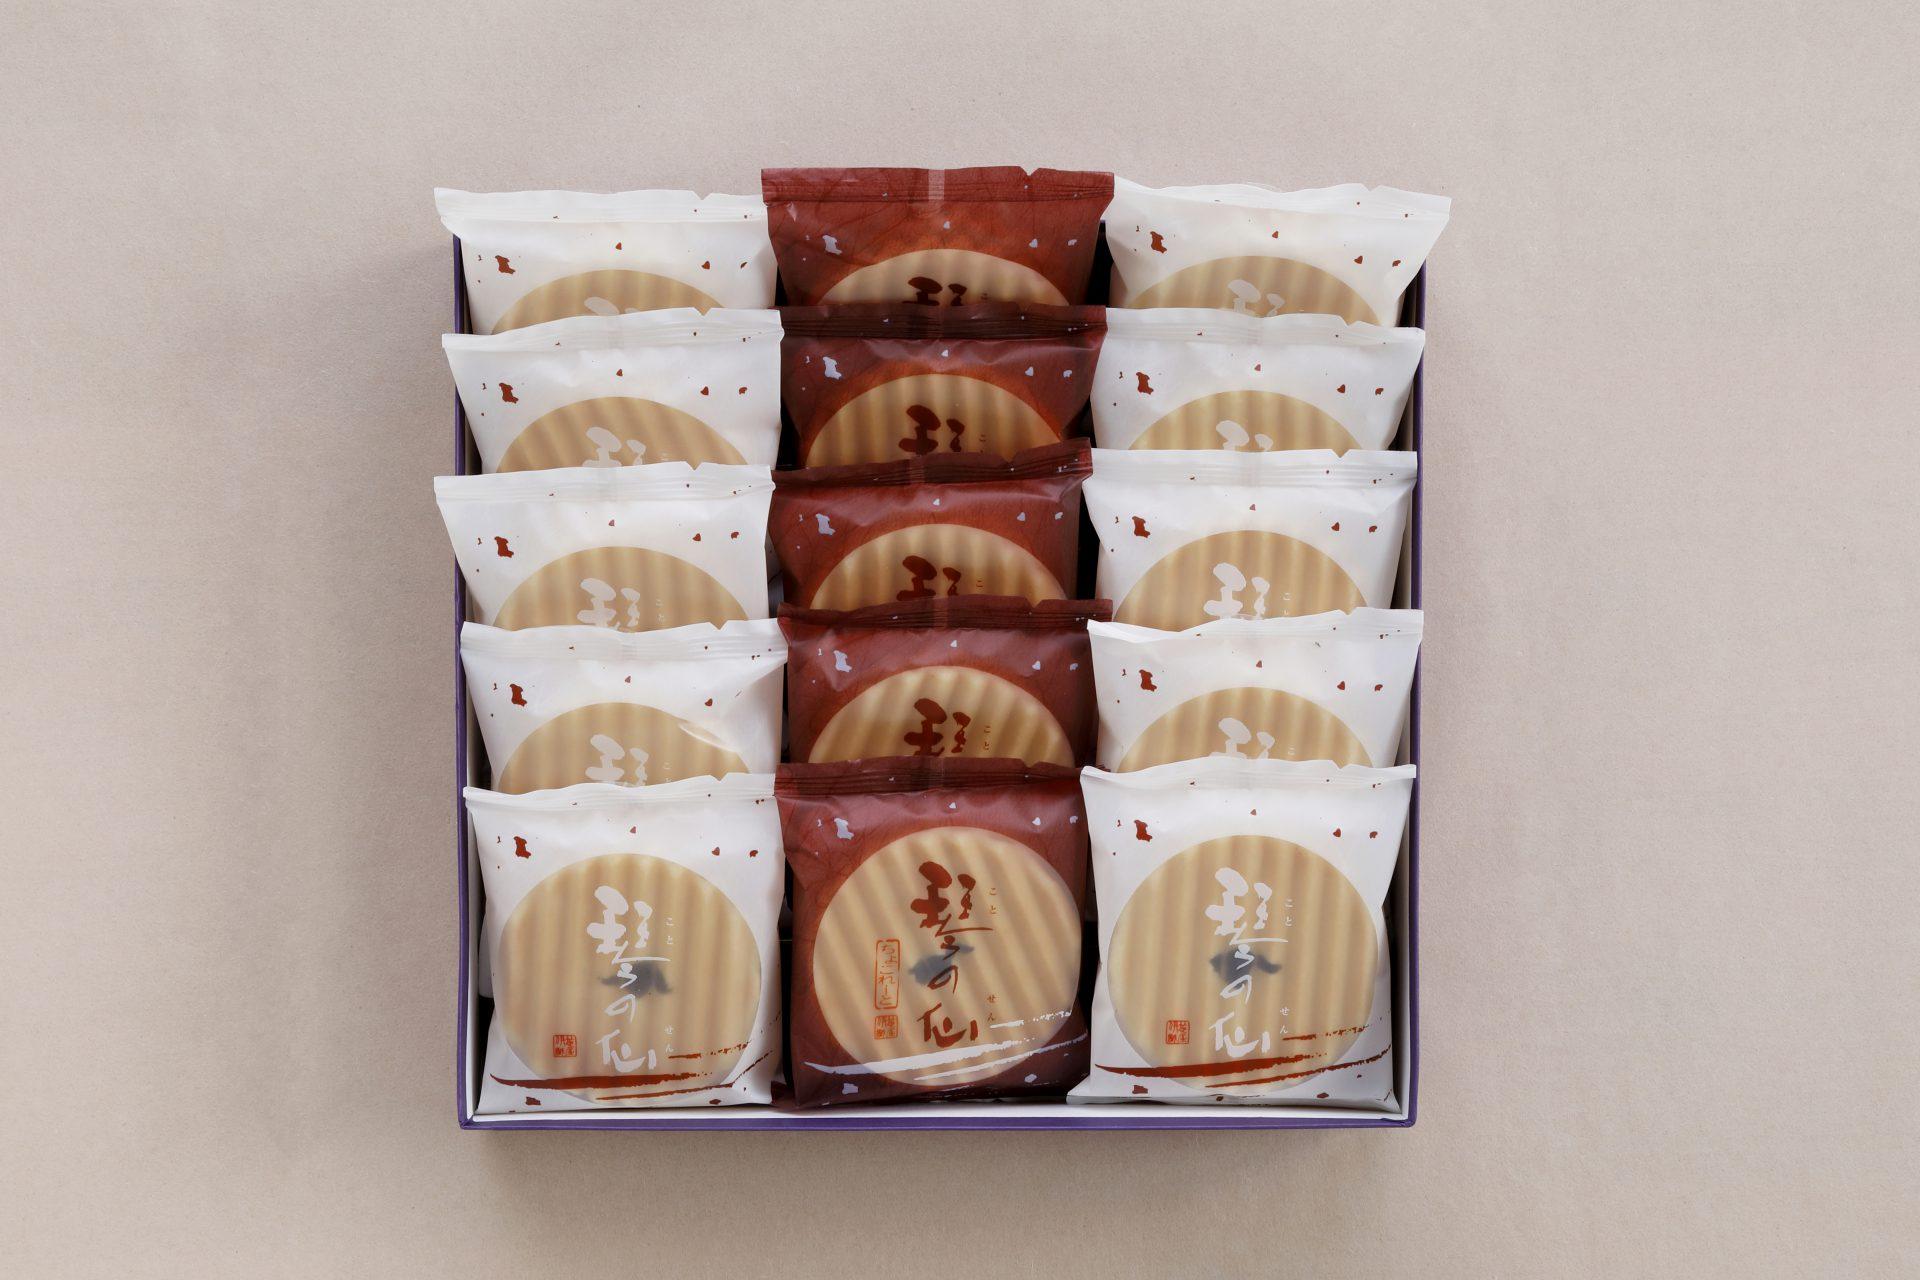 琴の仙 バニラ/チョコ